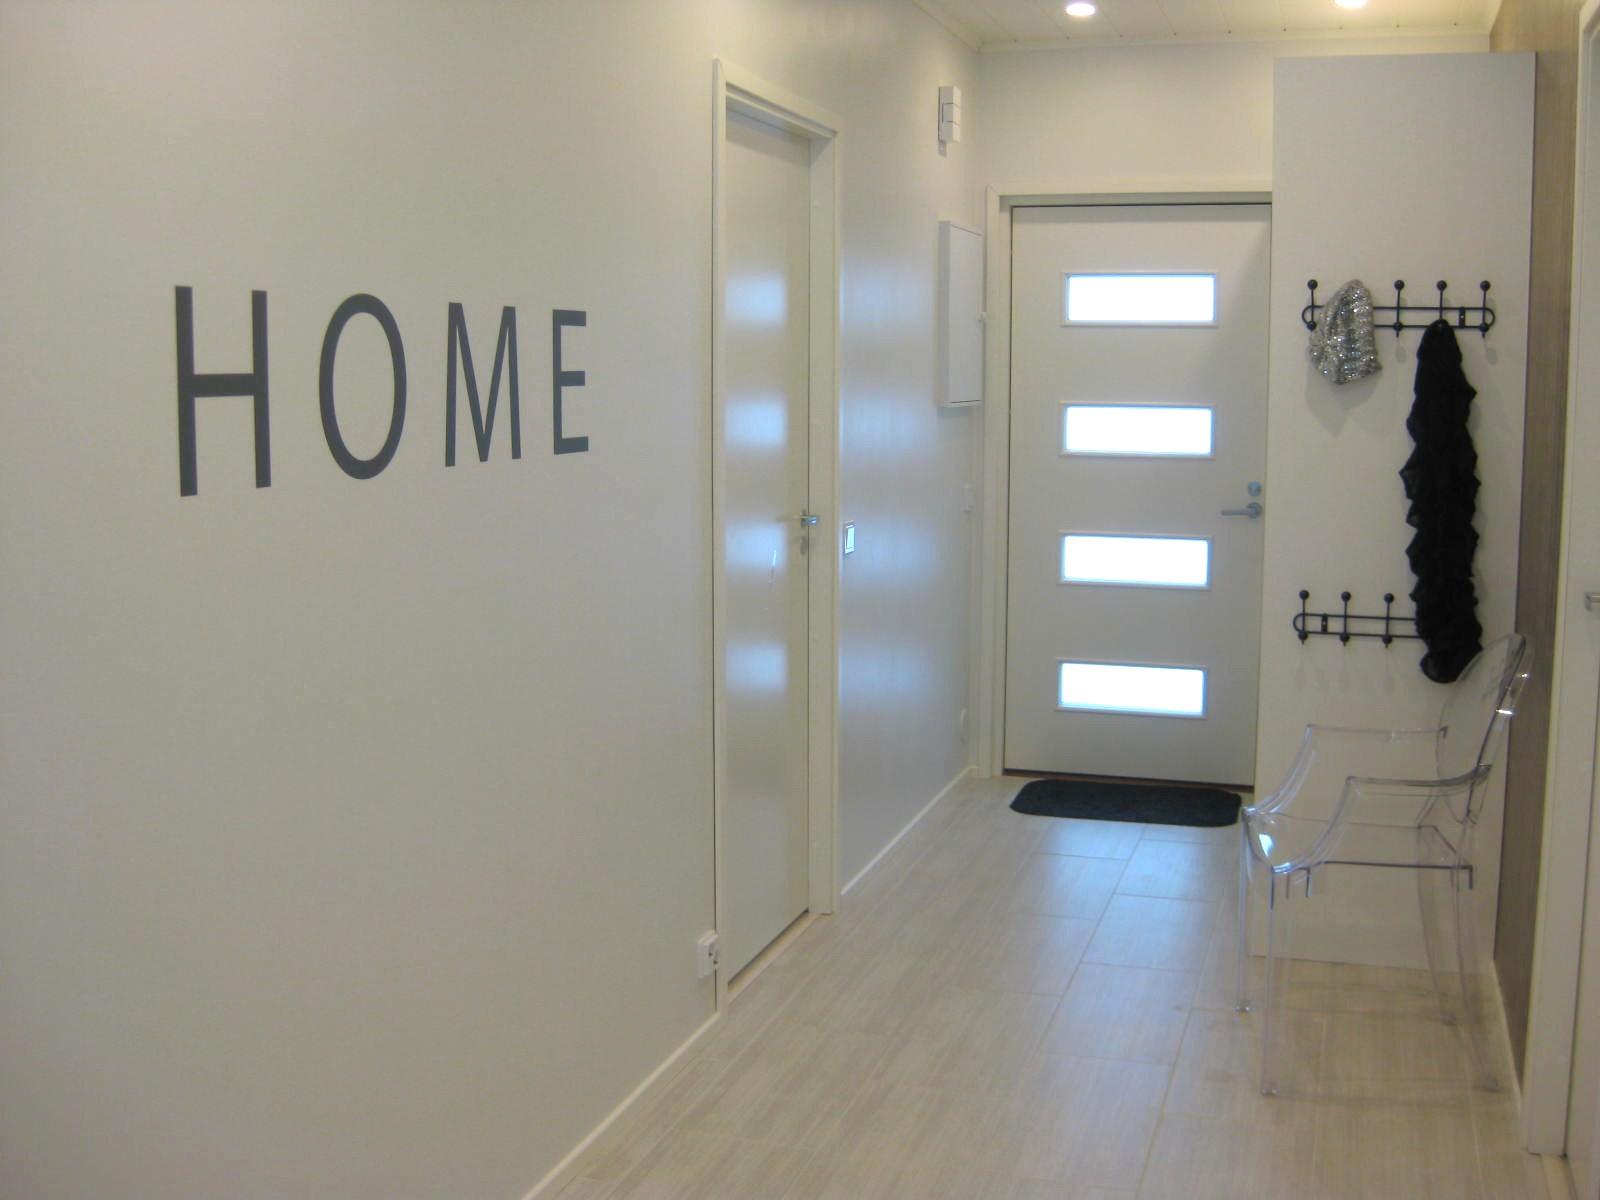 Home White Home Tervetuloa meille Eteinen